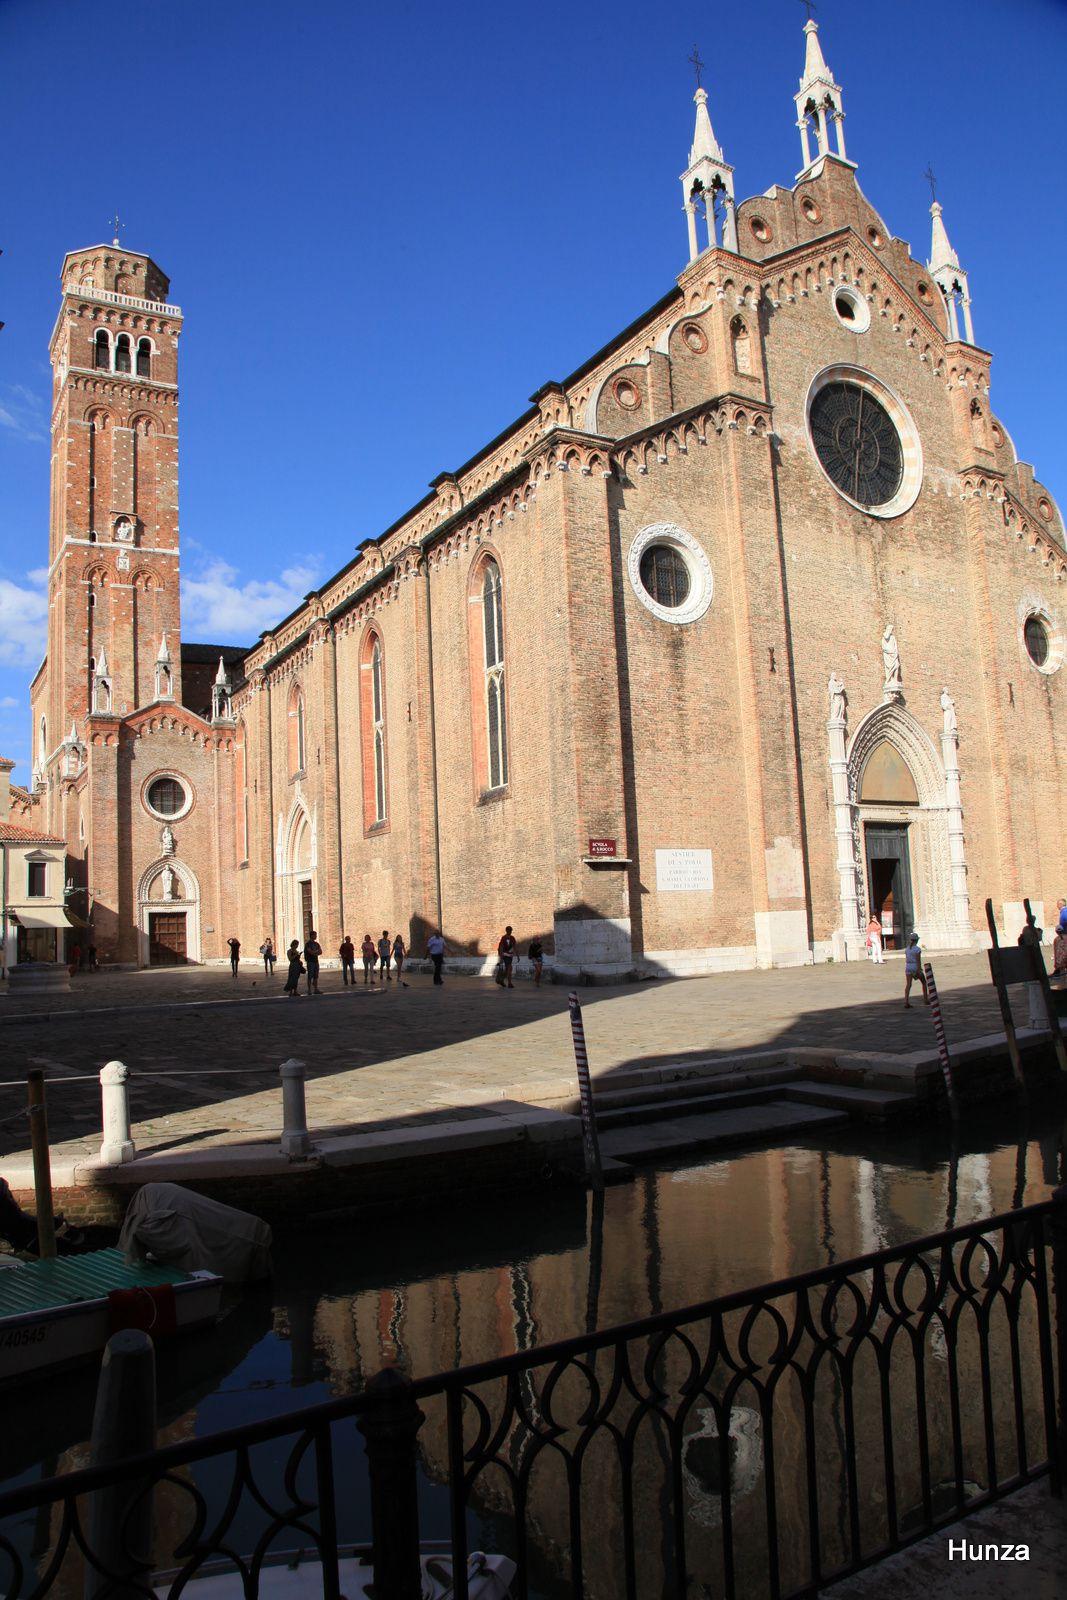 Venise, l'église Santa Maria Gloriosa dei Frari